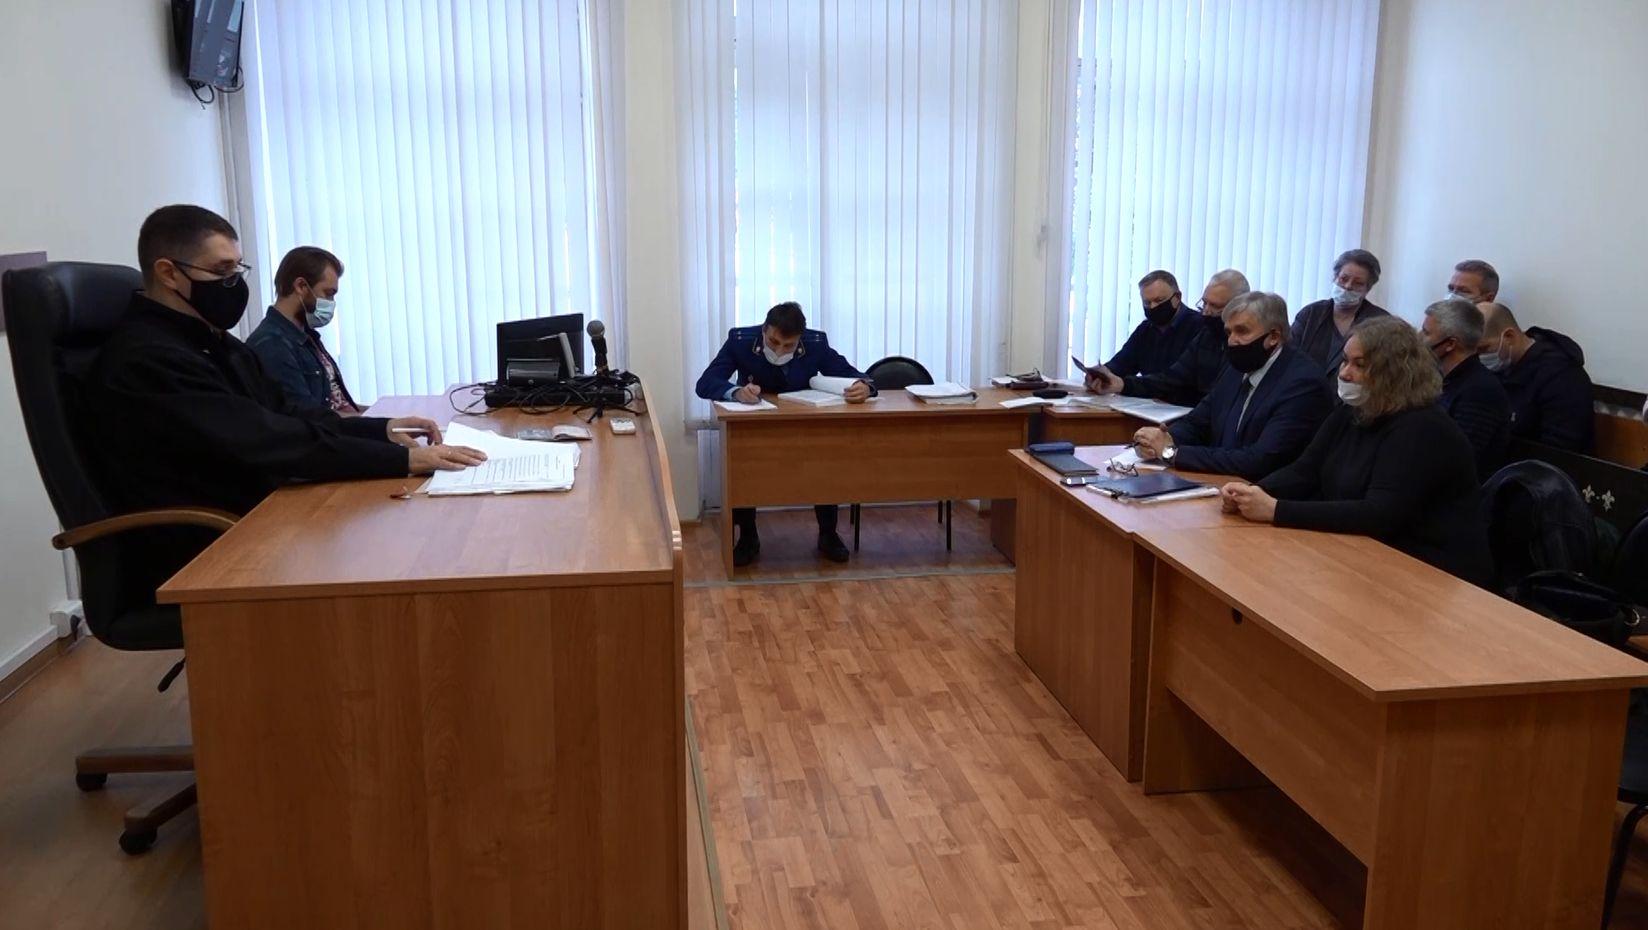 Кировский районный суд начал рассматривать дело ярославской мошенницы, обвиняемой в хищении 54 миллионов